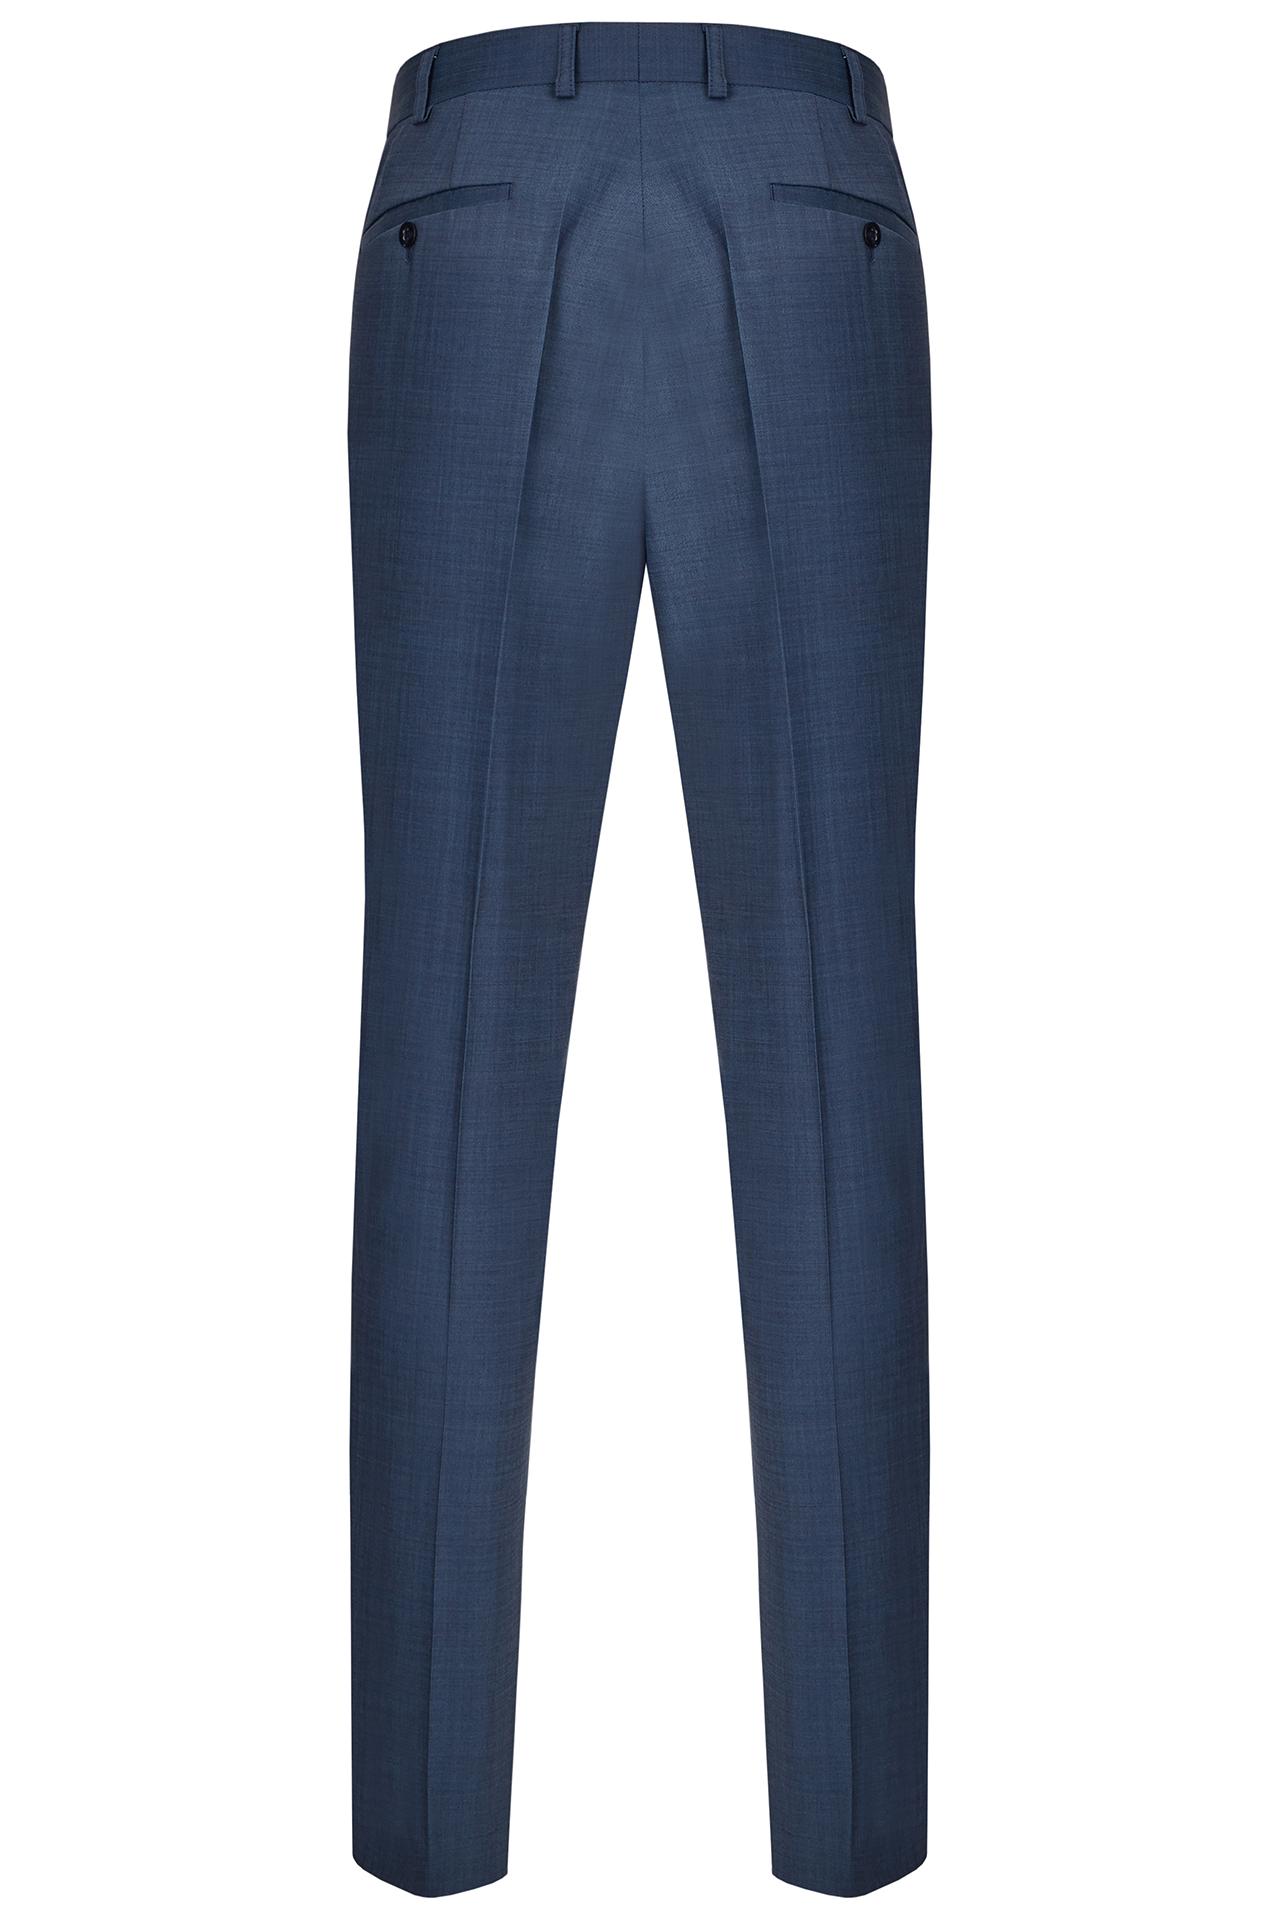 Wilvorst Hochzeitsanzug Hose After Six blau 461101 724 034